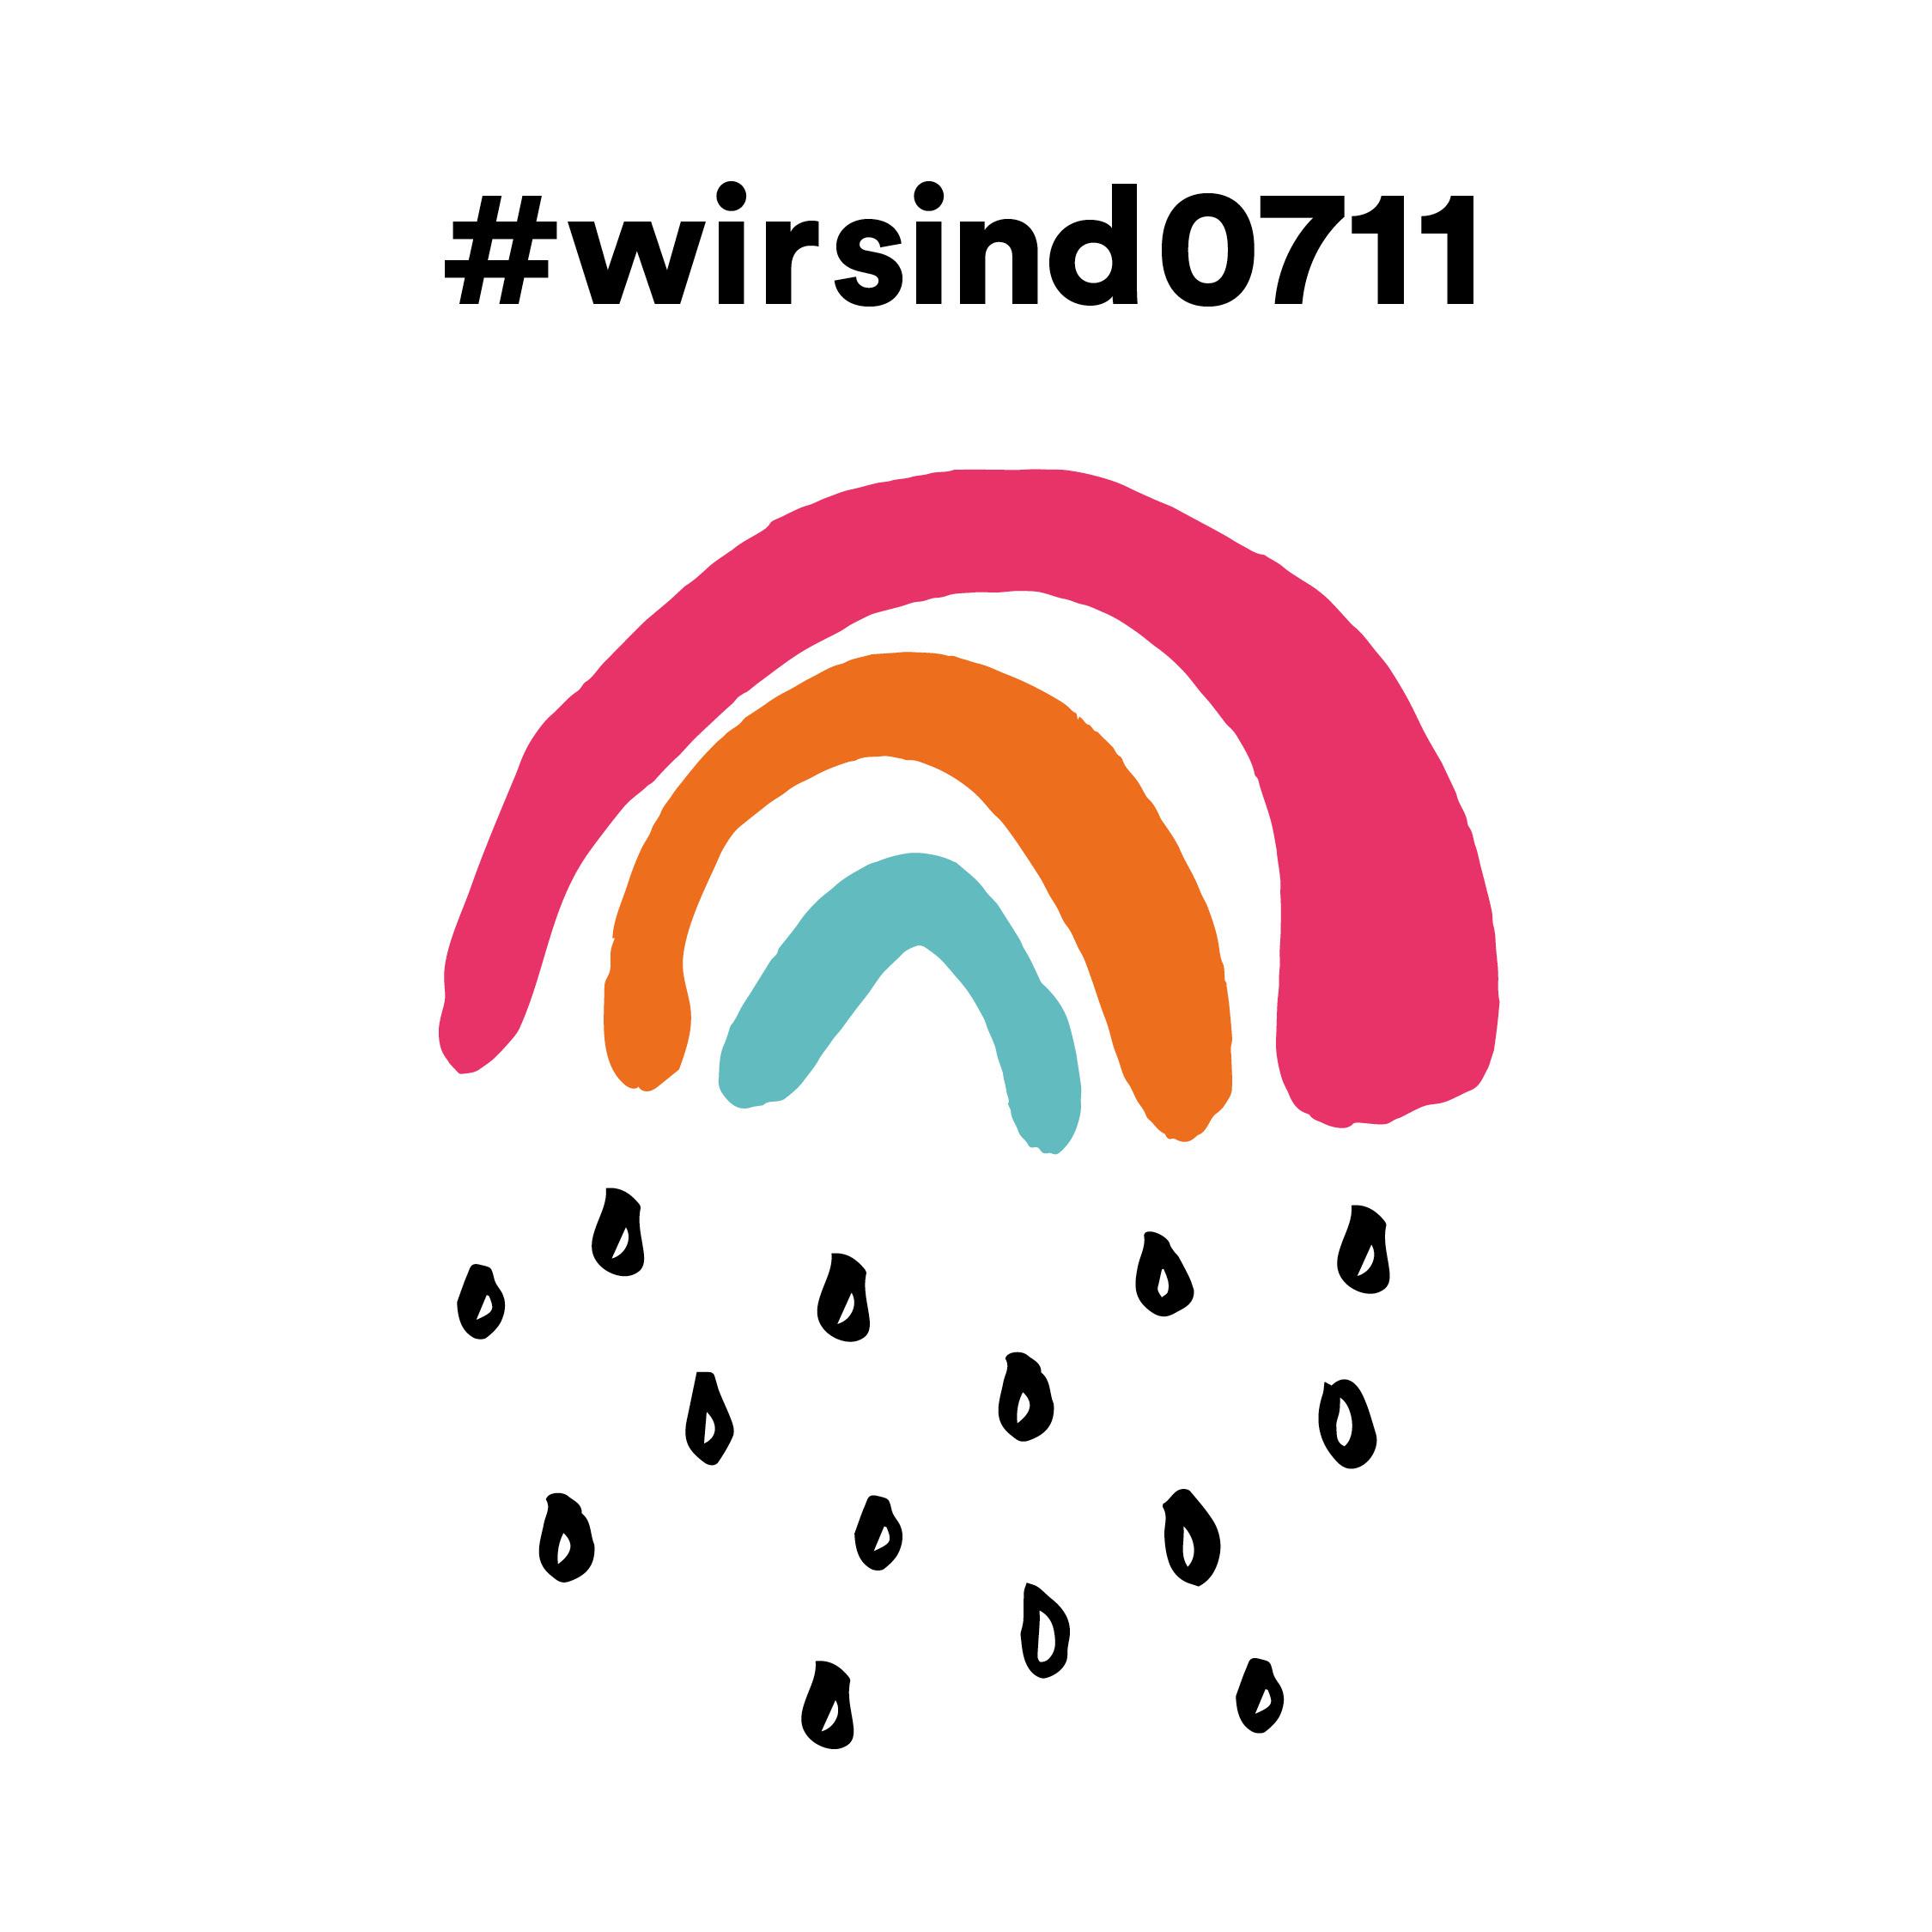 Initiative #wirsind0711 Kleiner Regenbogen